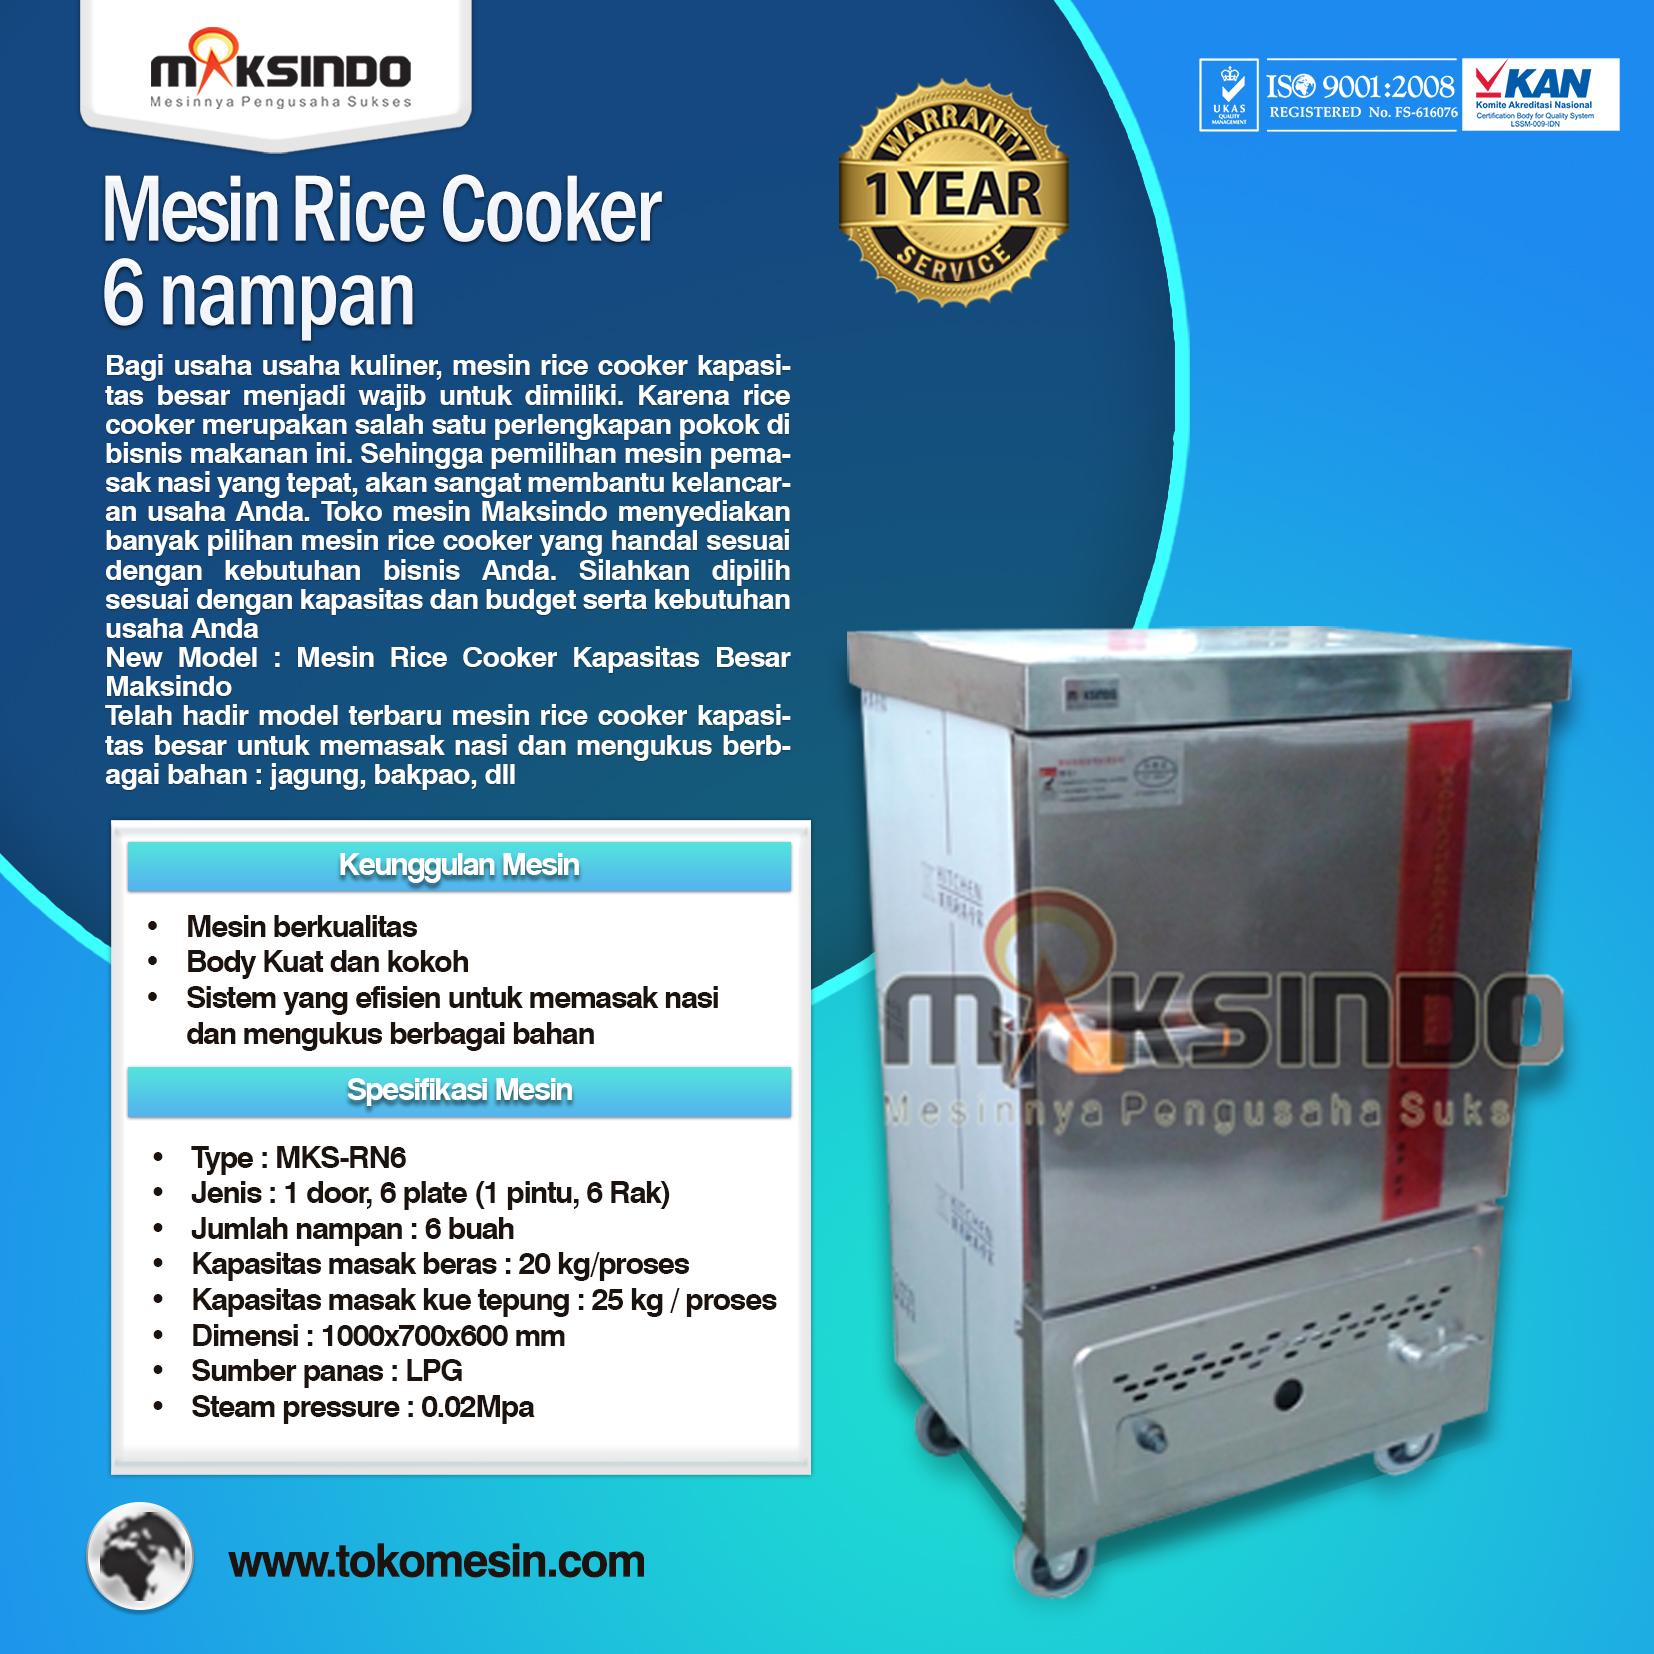 Mesin Rice Cooker Kapasitas Besar MKS RN6